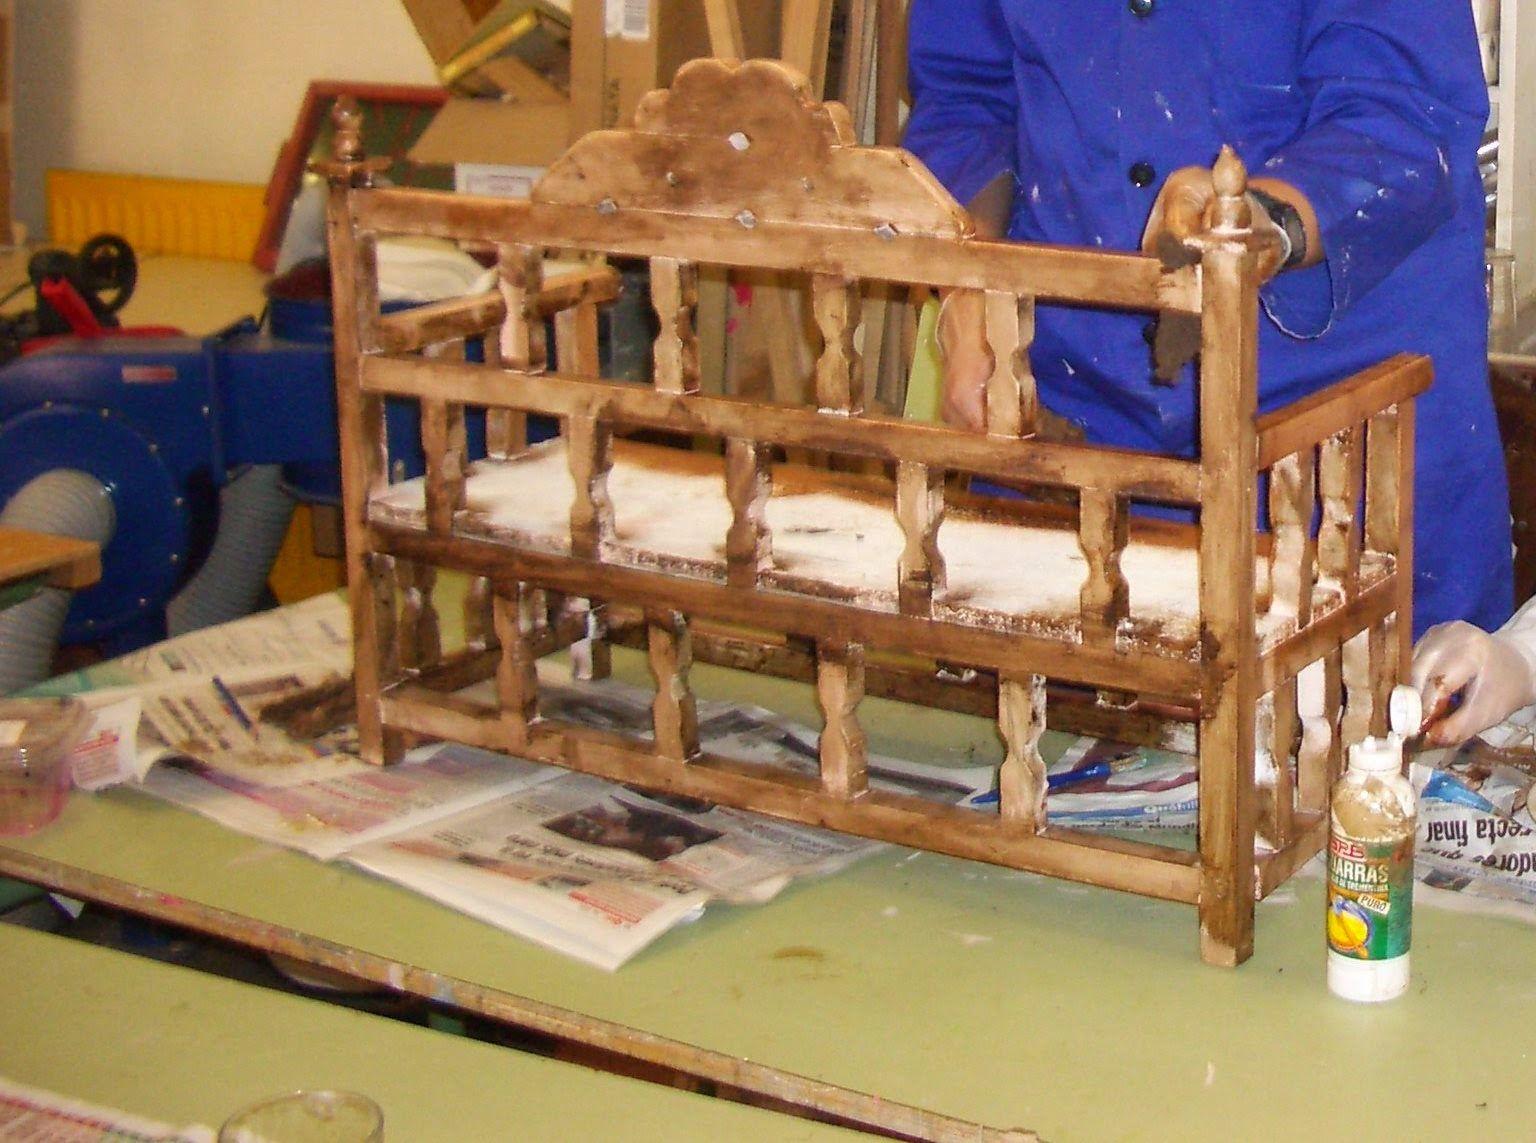 Tallerblog de restauraci n de muebles antiguos limpieza for Productos para limpiar muebles